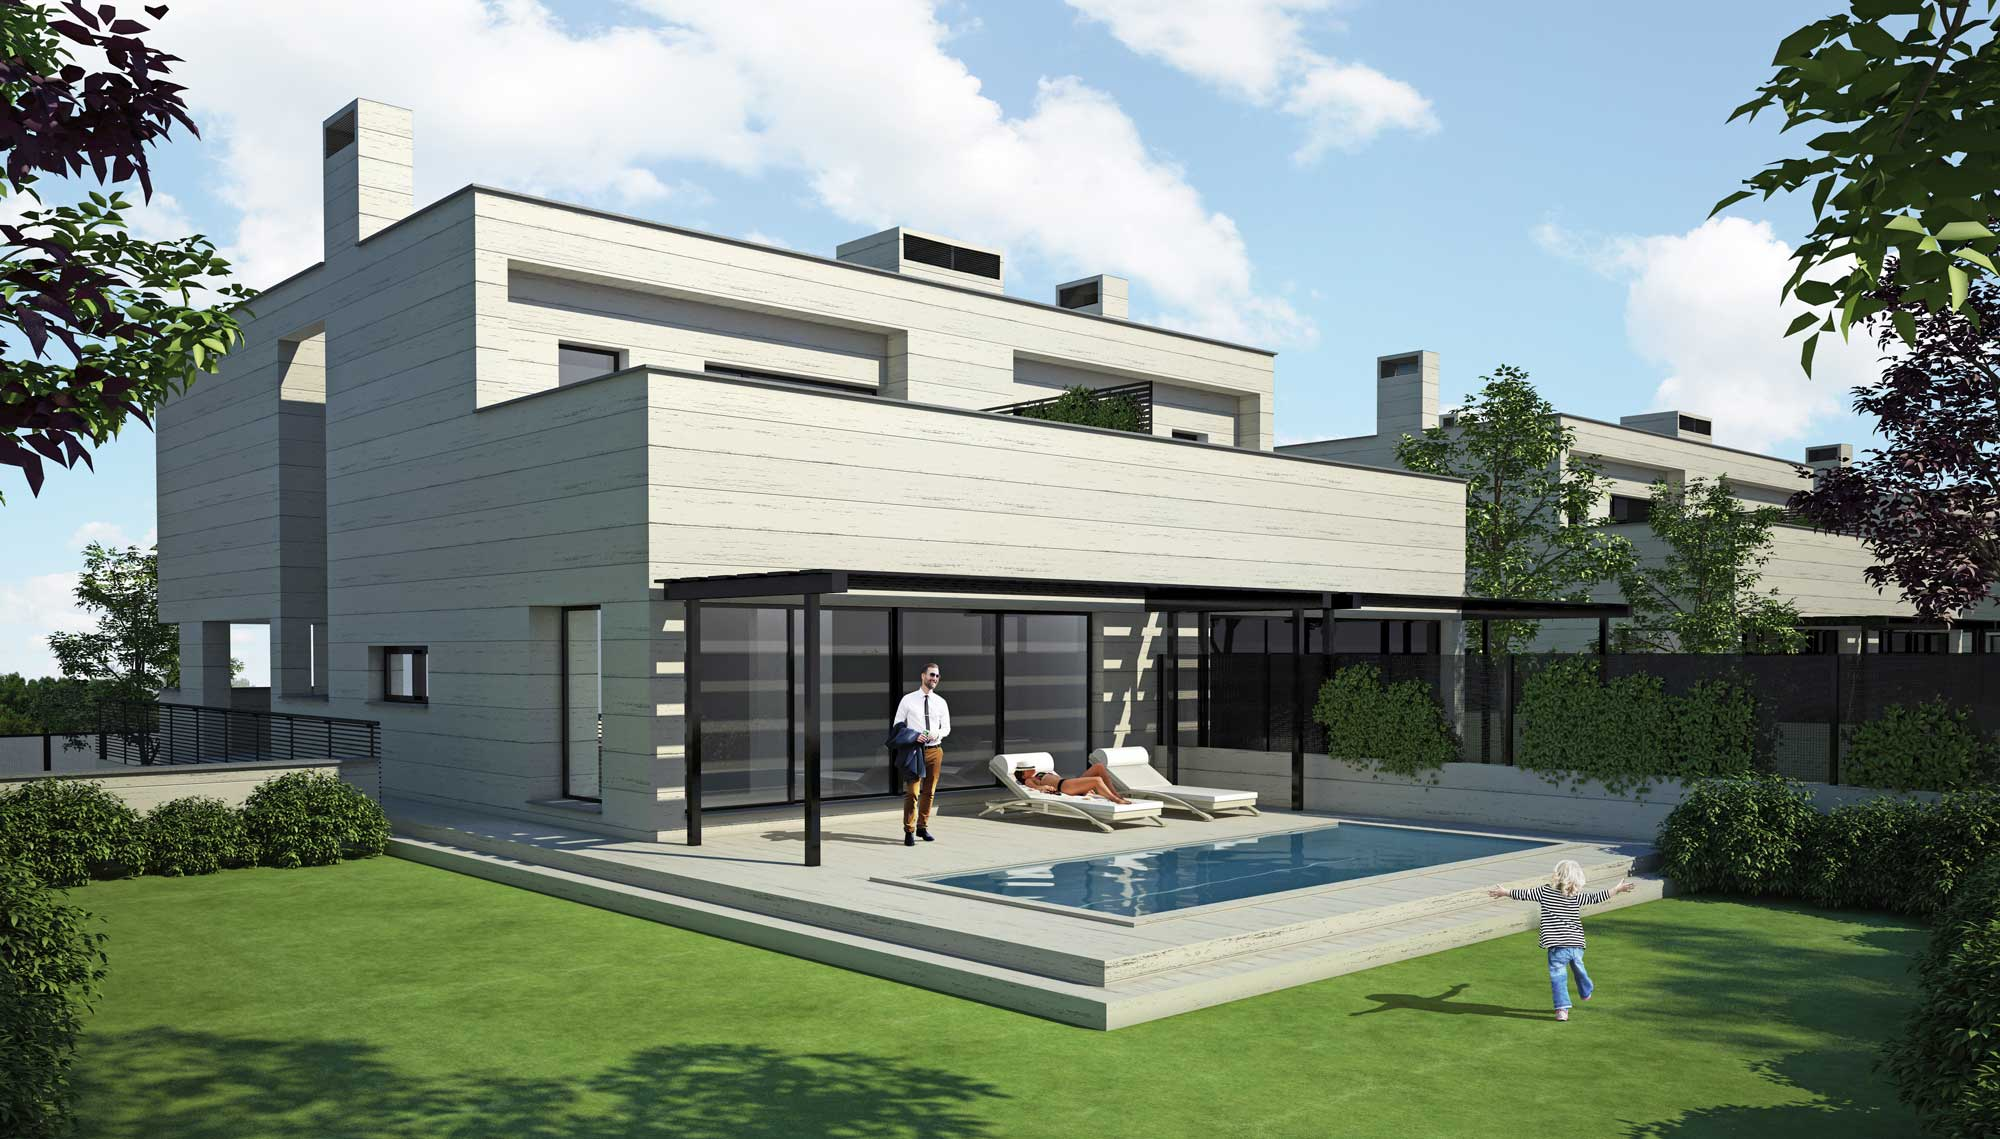 Laboratorio urbano viviendas de vanguardia promociones for Villas victoria los ayala